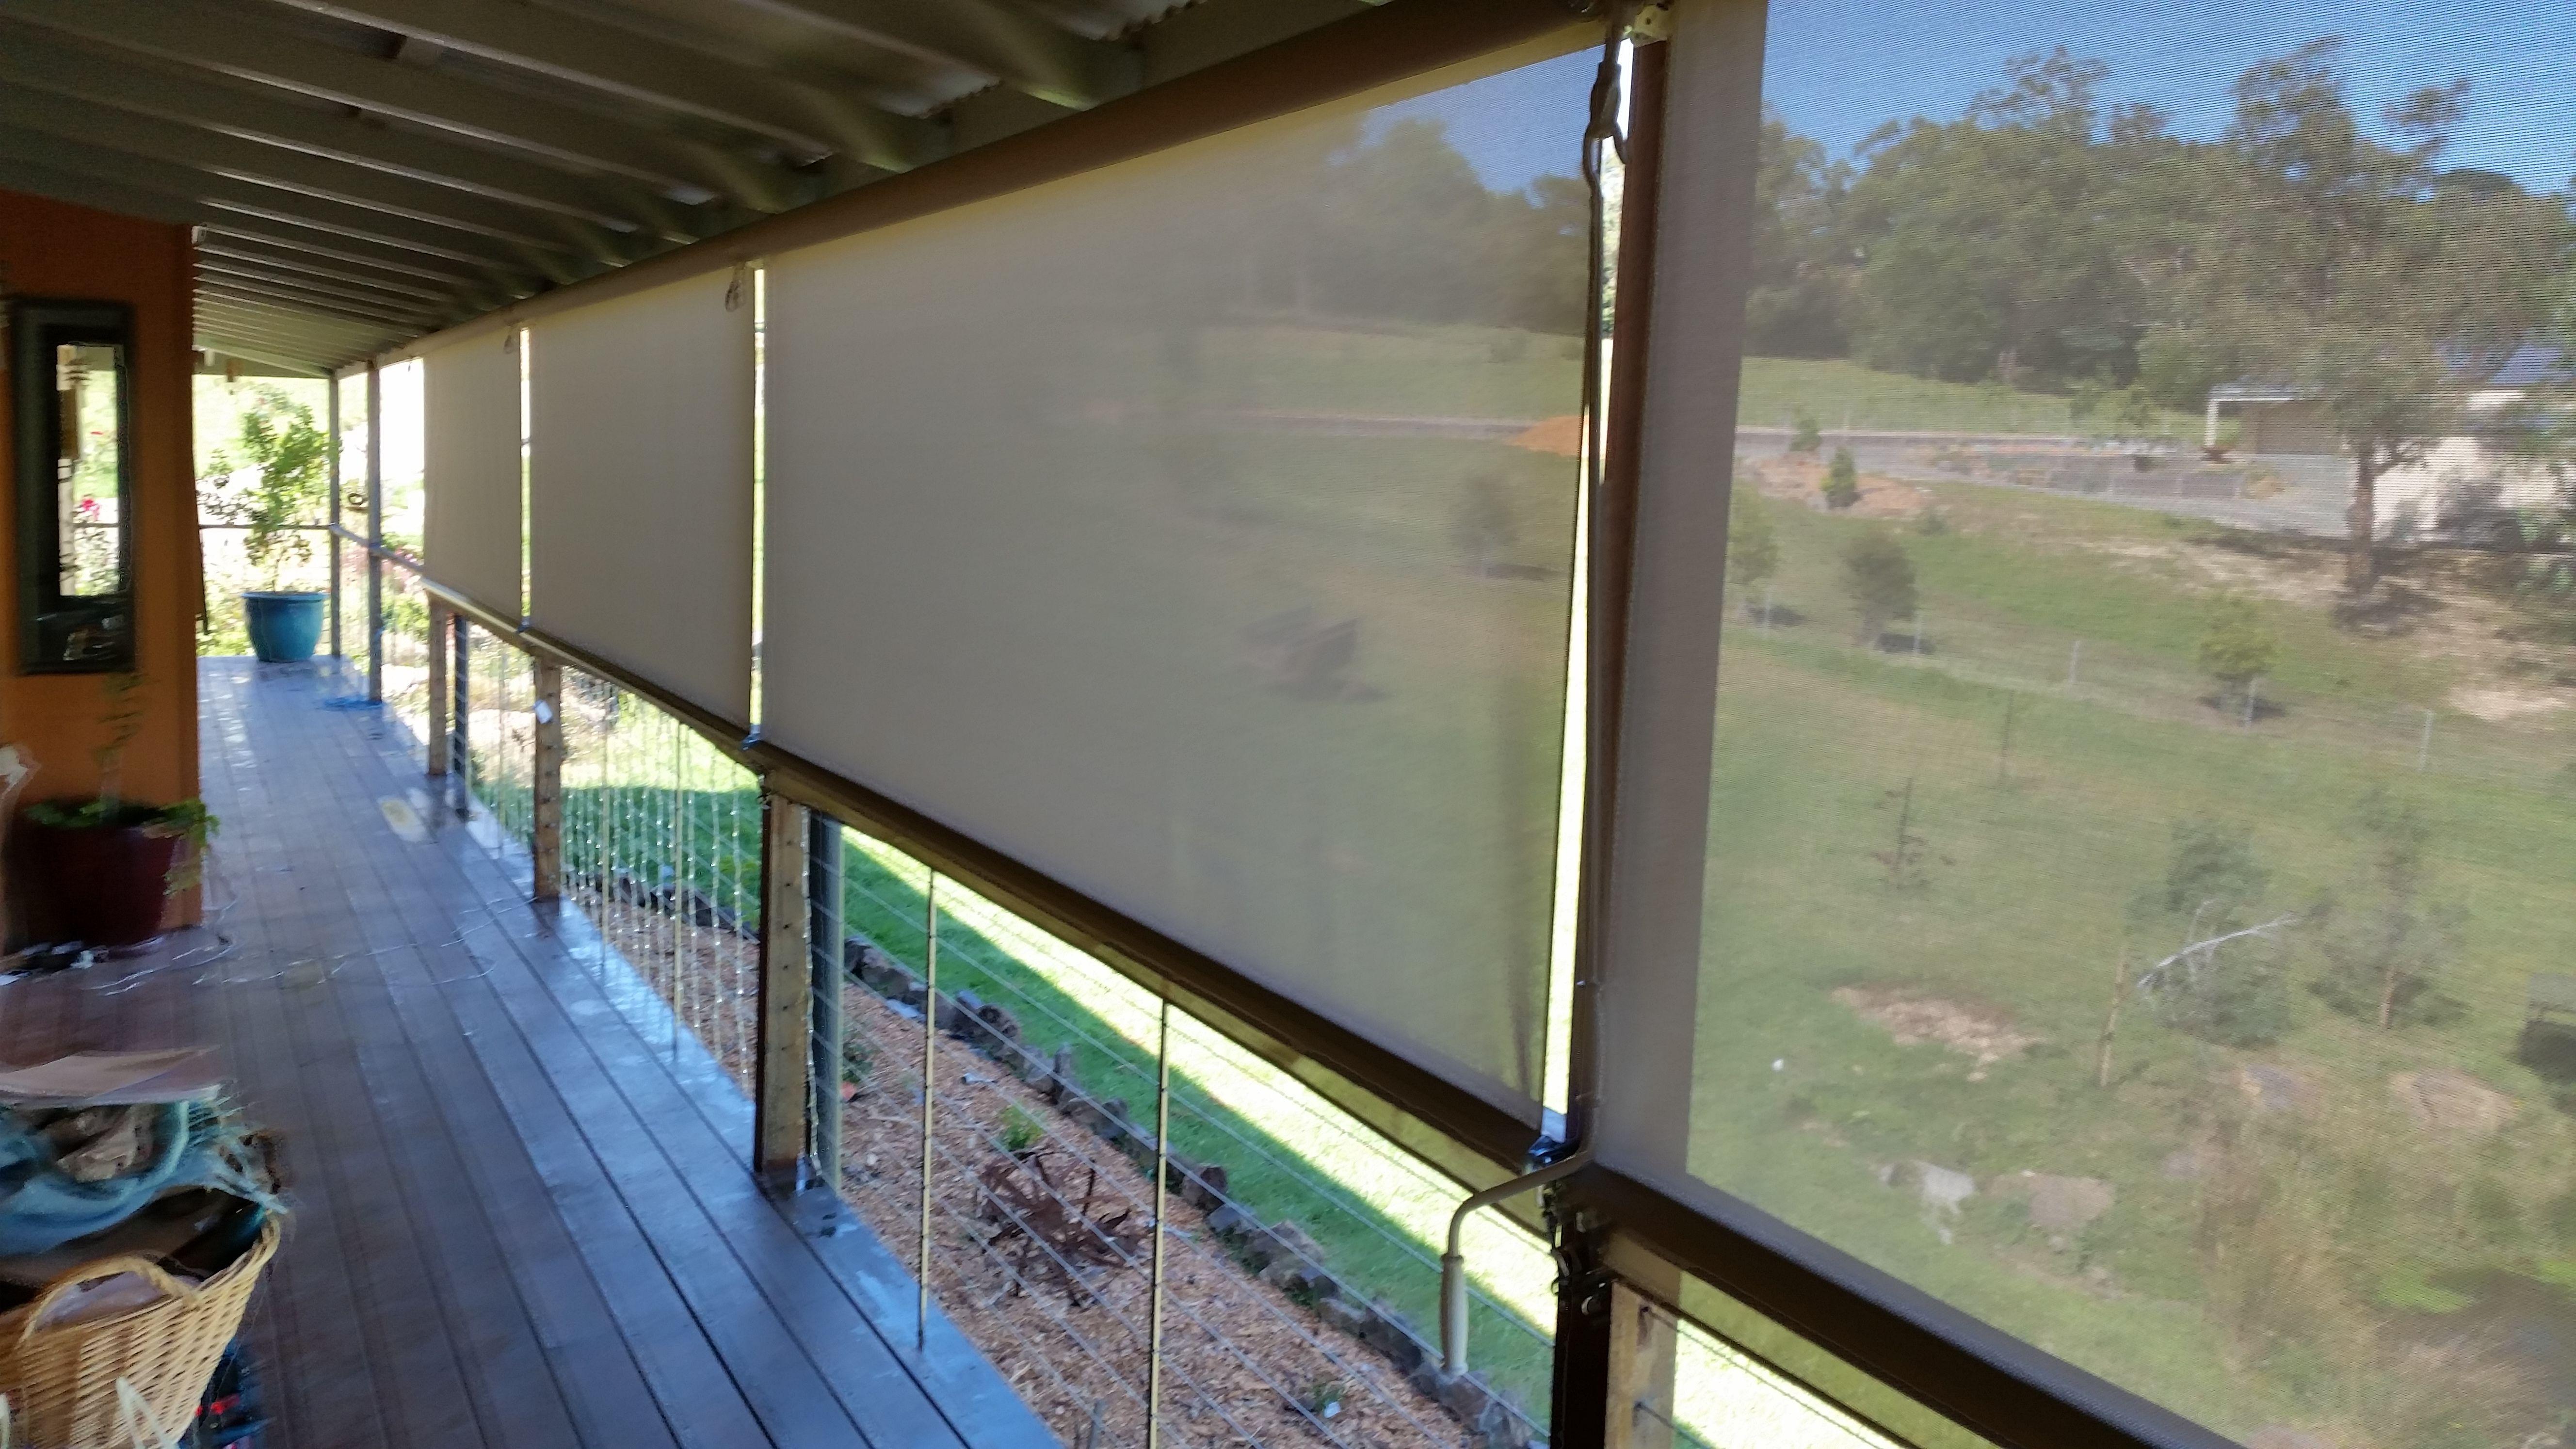 Outdoor Cafe Blinds Melbourne Pvc Cafe Blinds Melbourne Cafe Blinds Outdoor Cafe Diy Window Blinds